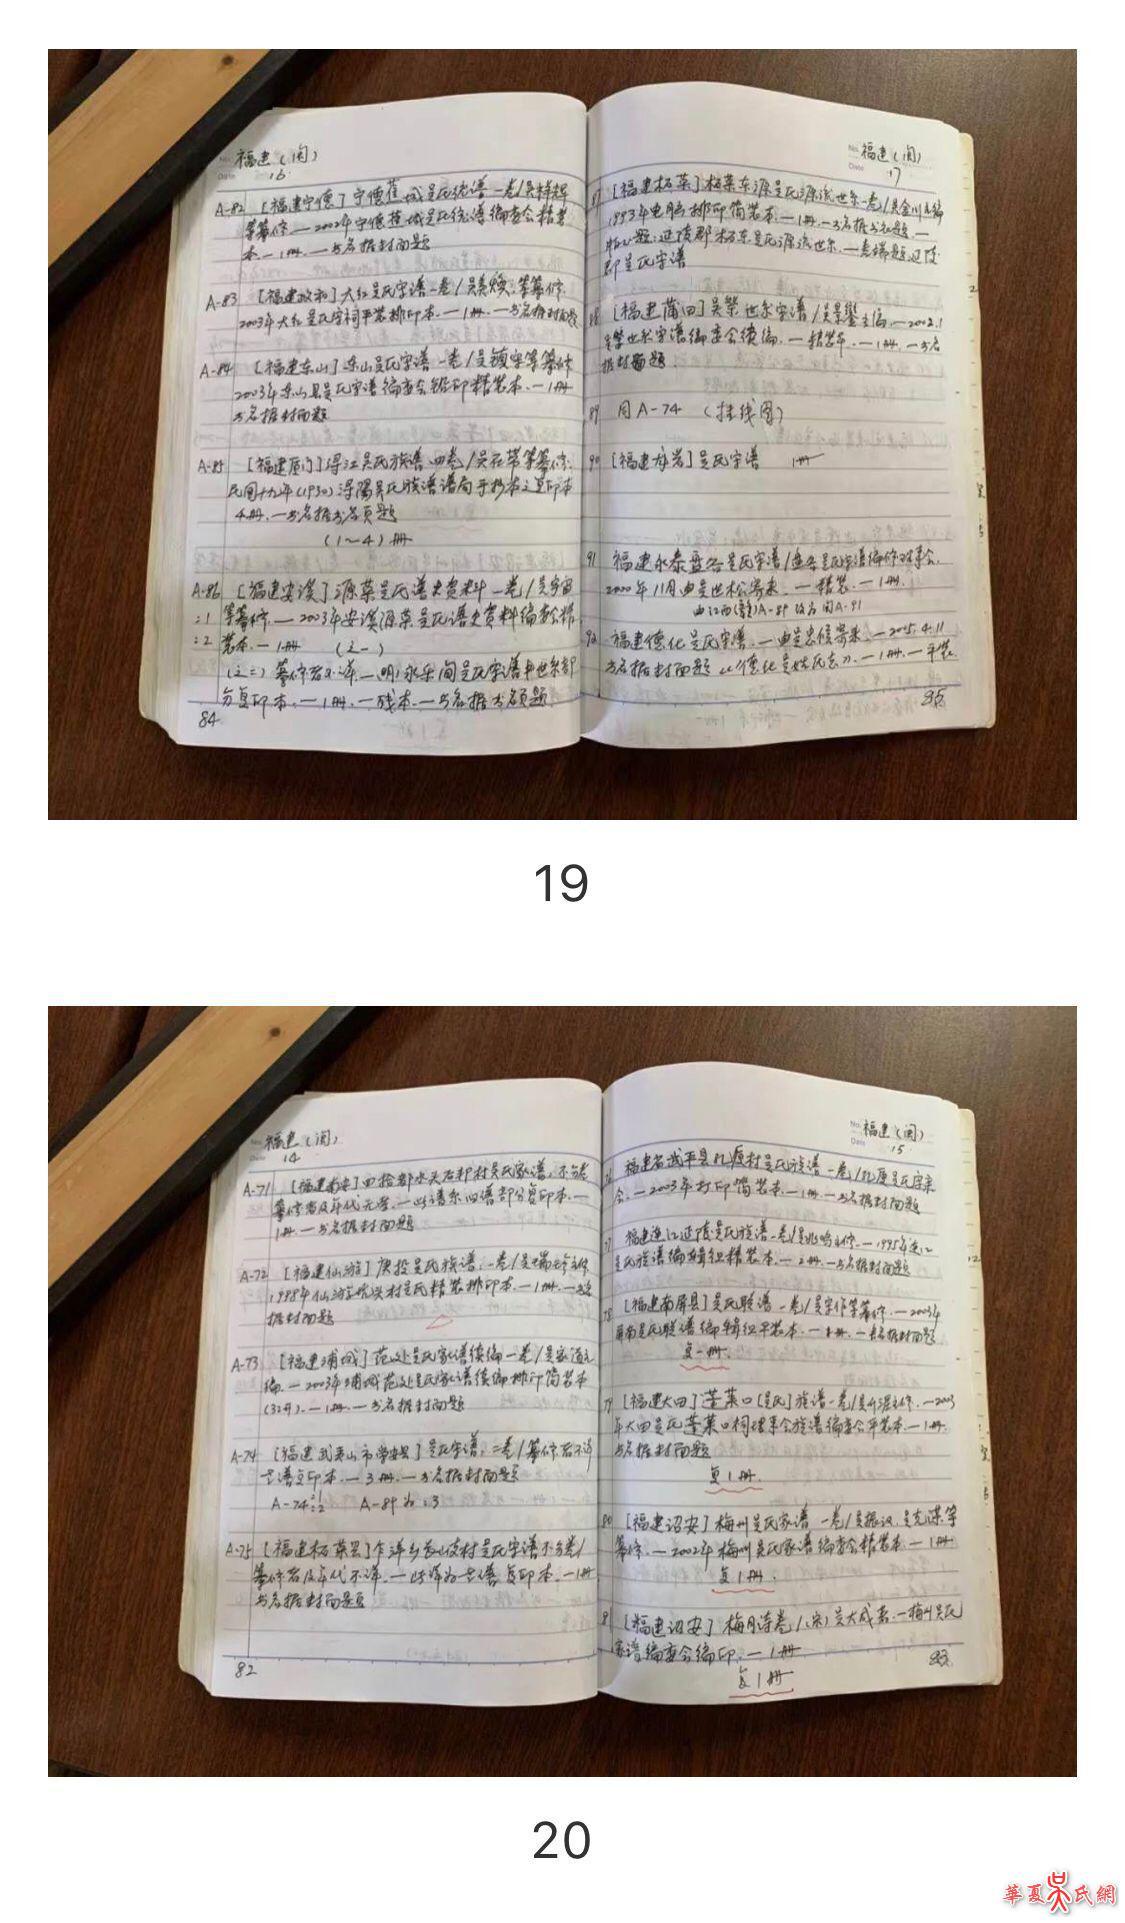 2010年以前世界各地吴氏宗亲向无锡图书馆赠送的吴氏老谱目录